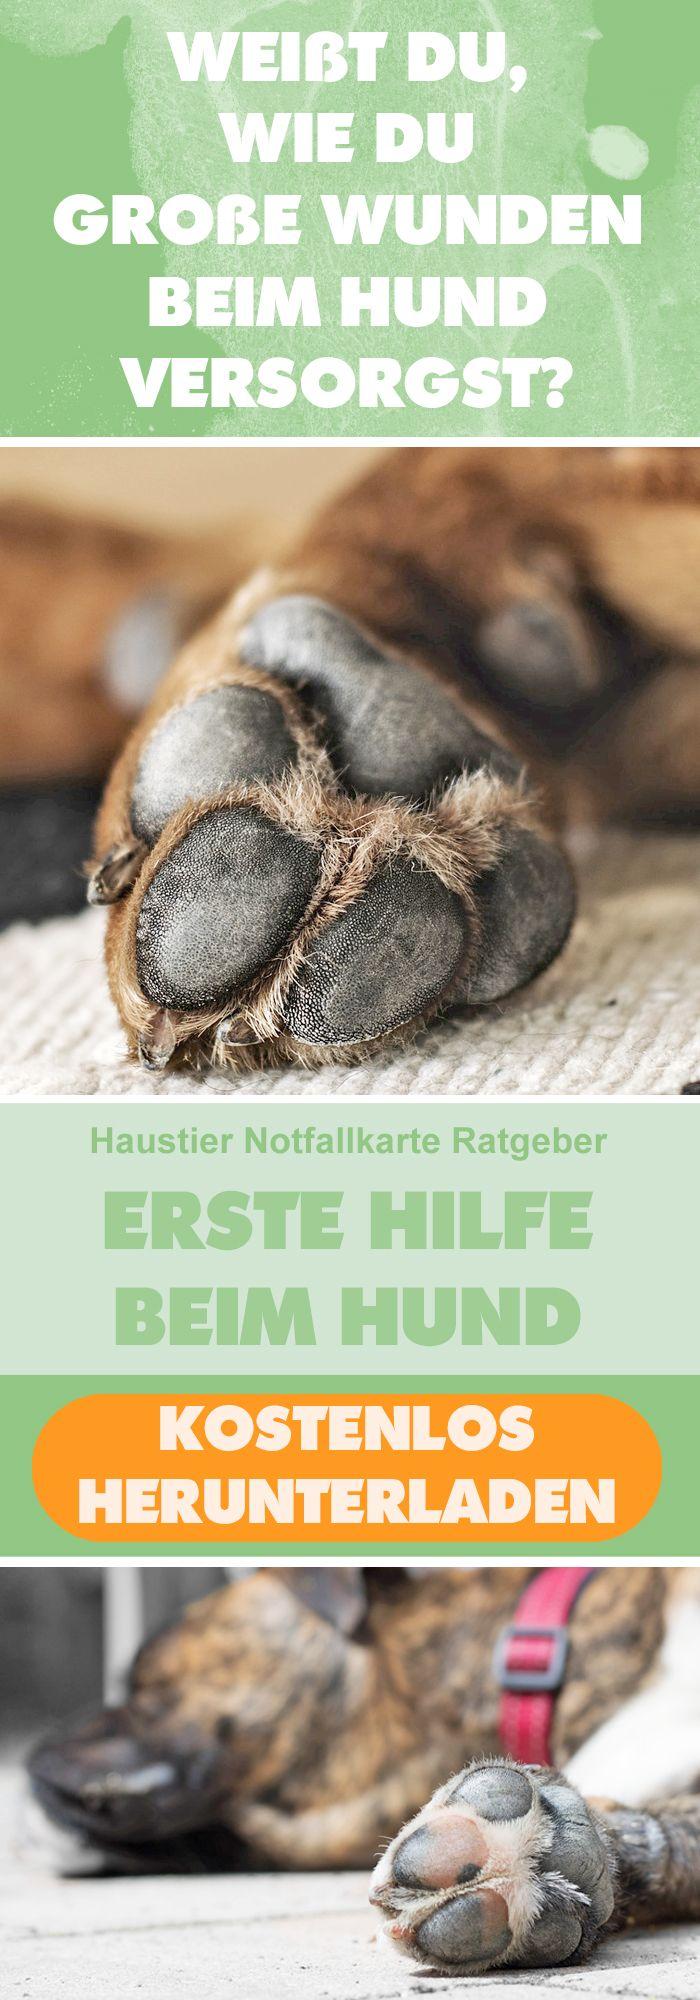 """Weißt Du, wie Du große Wunden beim Hund versorgst? Lade unseren kostenlosen Ratgeber """"Erste Hilfe beim Hund"""" herunter! #haustier #notfallkarte #hunde #blog"""